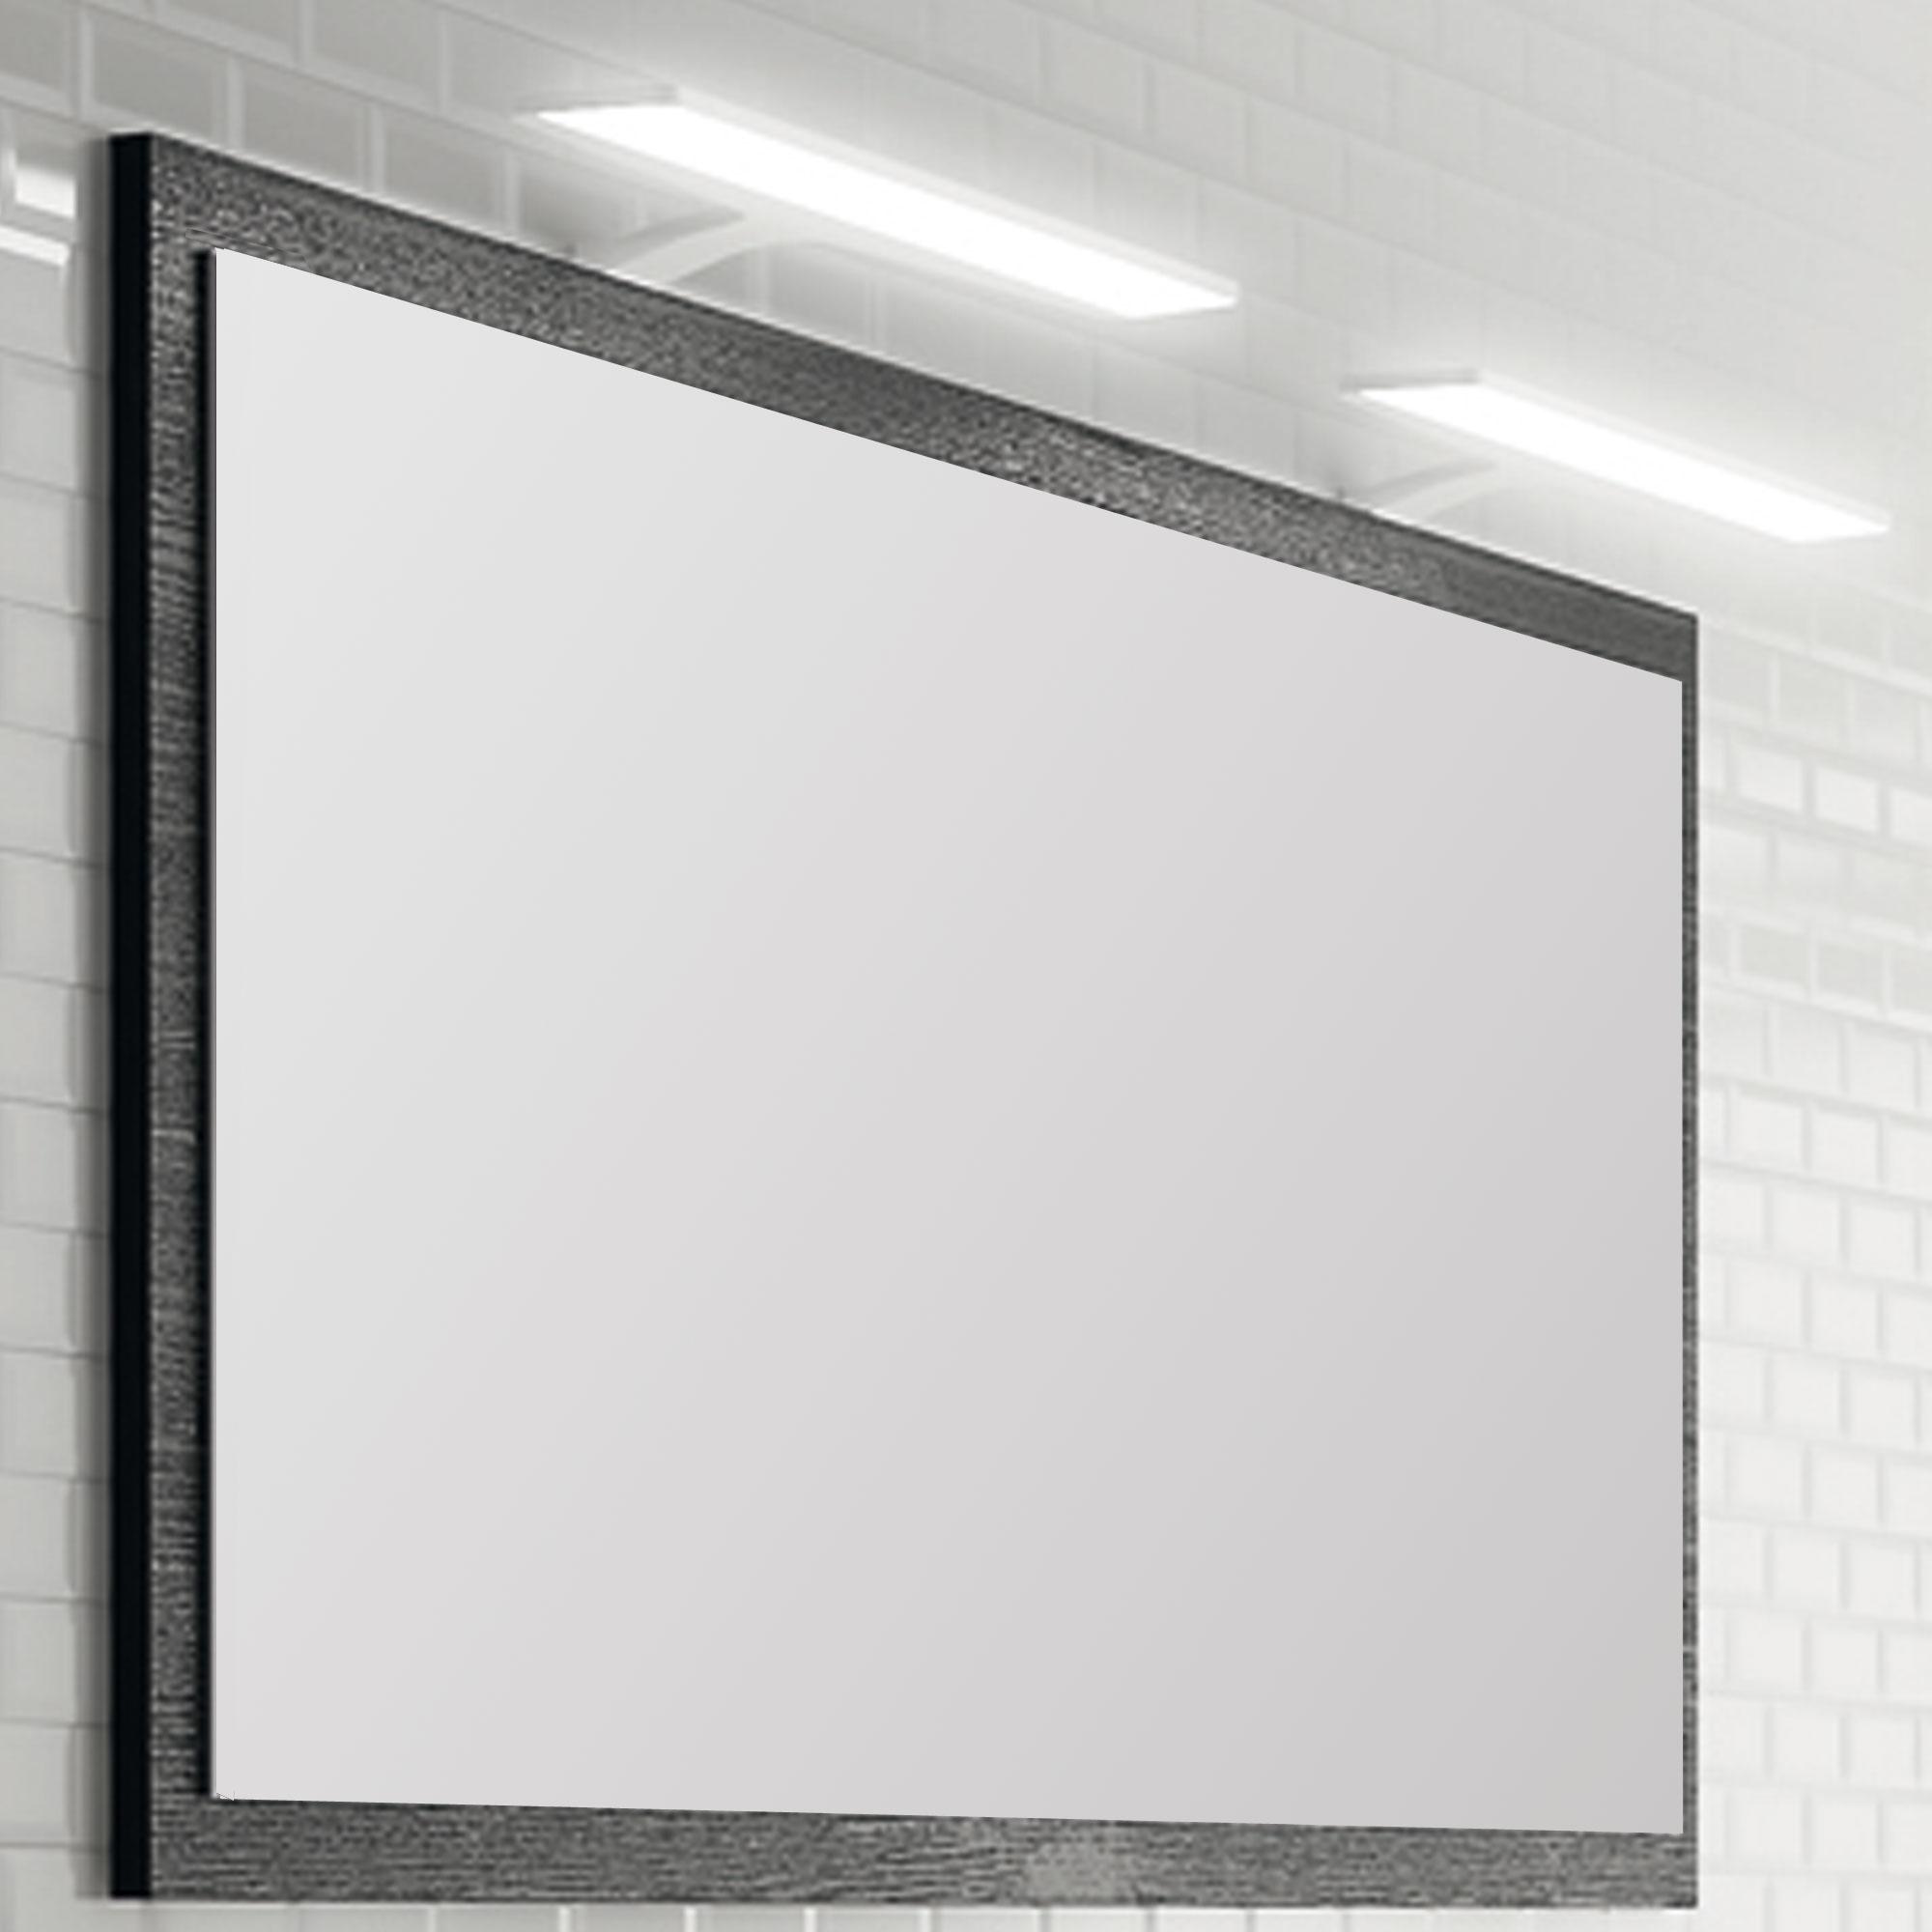 miroir cadre bois feeling meubles de salle de bains. Black Bedroom Furniture Sets. Home Design Ideas